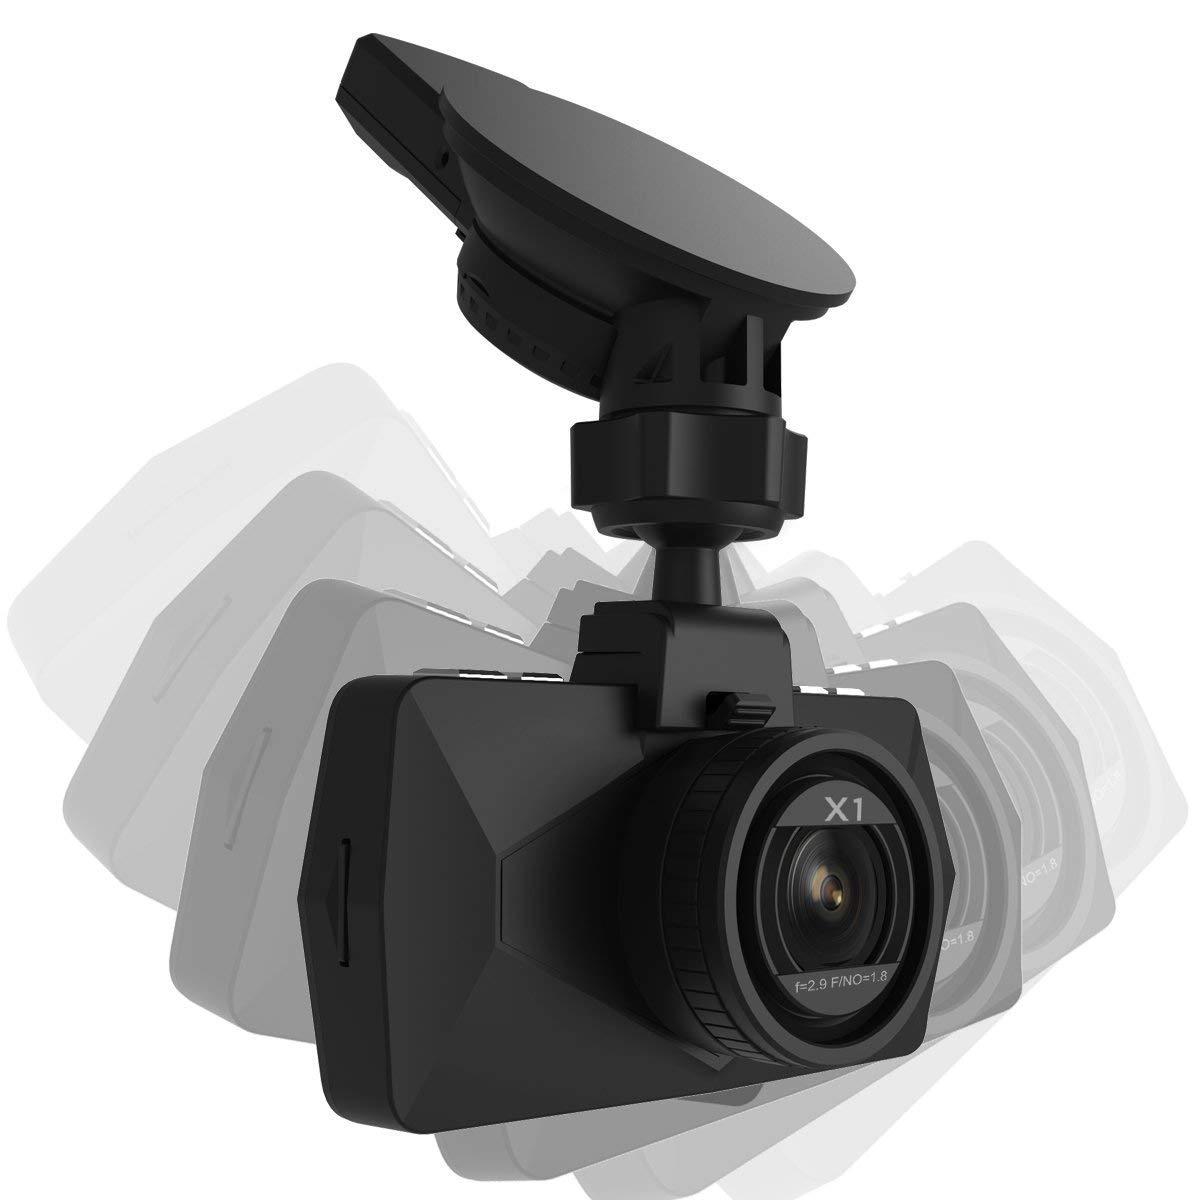 X1 Vantrue N1 Pro X4 R2 Dash Cam Module r/écepteur GPS Mini USB Port Voiture Ventouse pour Windows et Mac X2 X1PRO